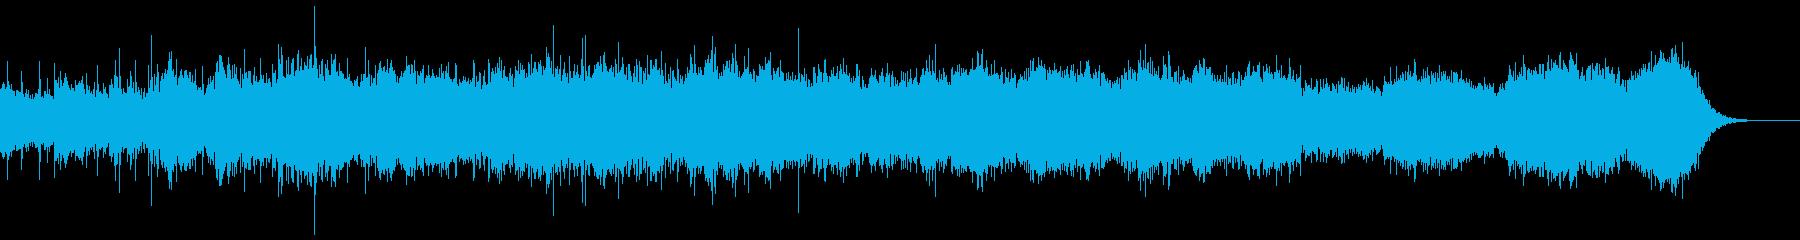 環境音、シンセ、フルートの作品 ショートの再生済みの波形